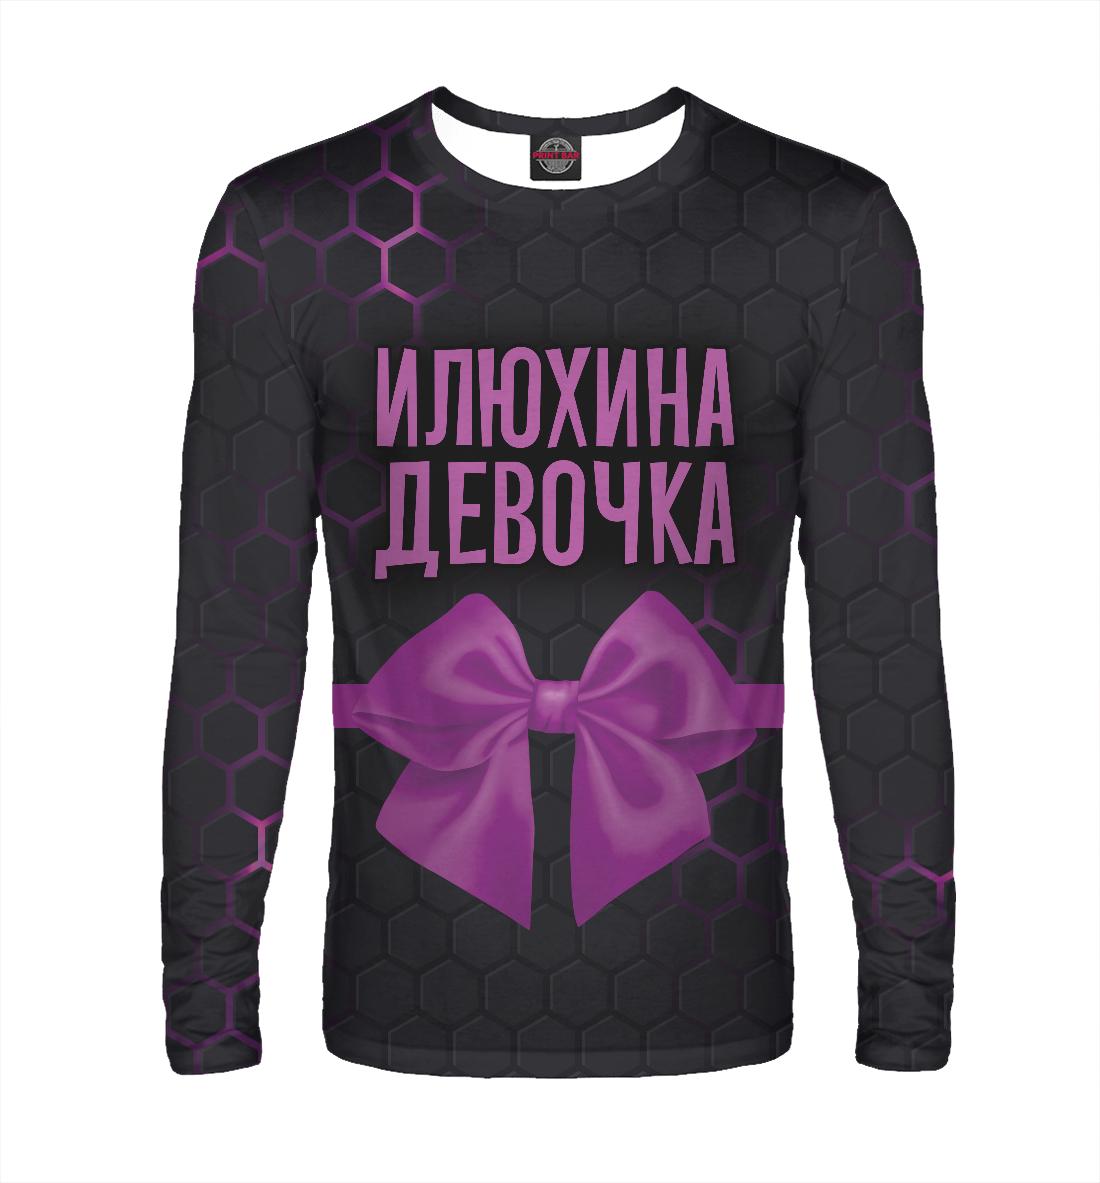 Лонгслив Илюхина девочка (543347)